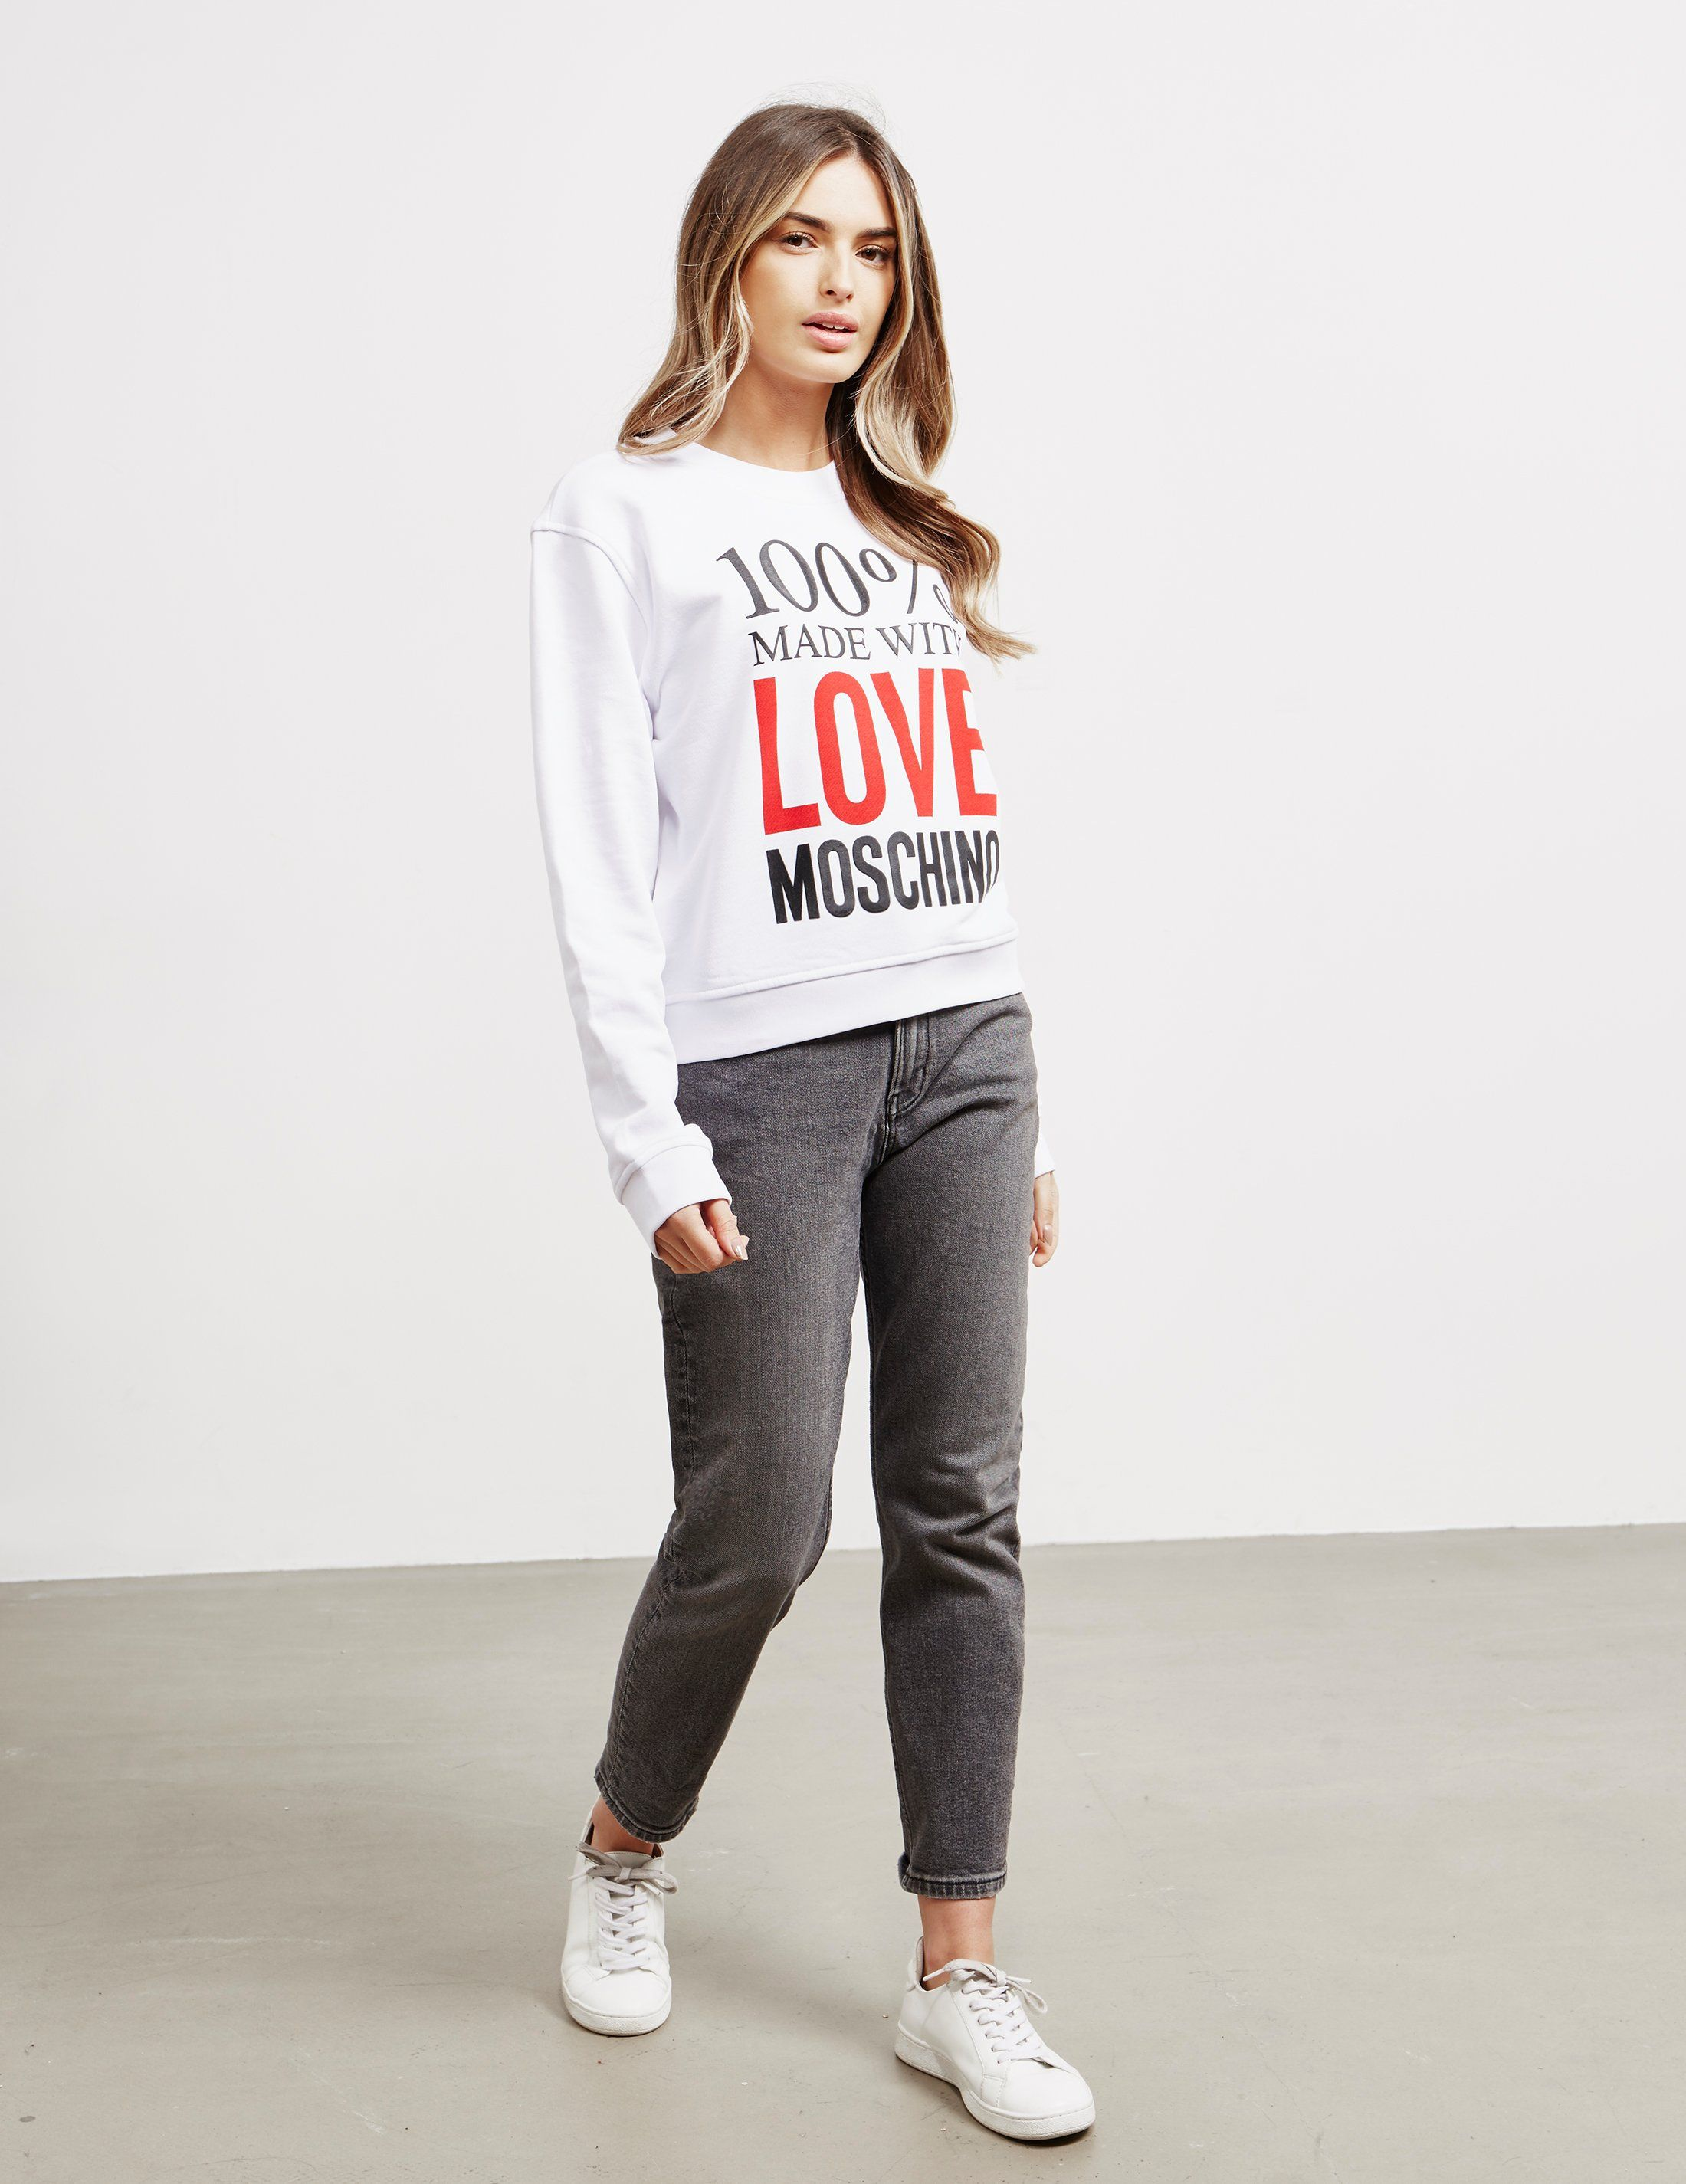 Love Moschino 100% Logo Sweatshirt